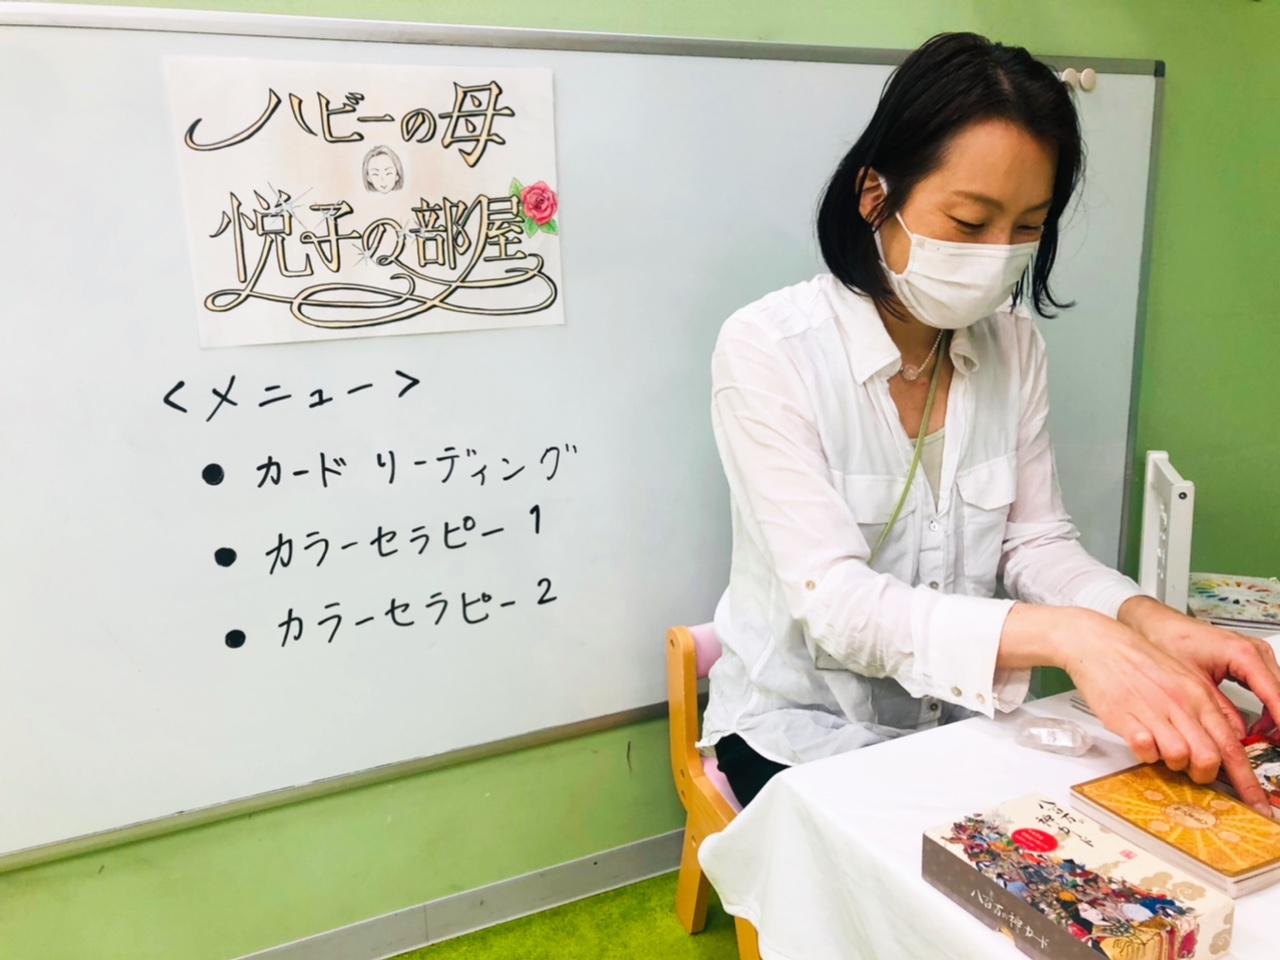 【立川】『おかあさんいつもありがとう 母の日イベント』